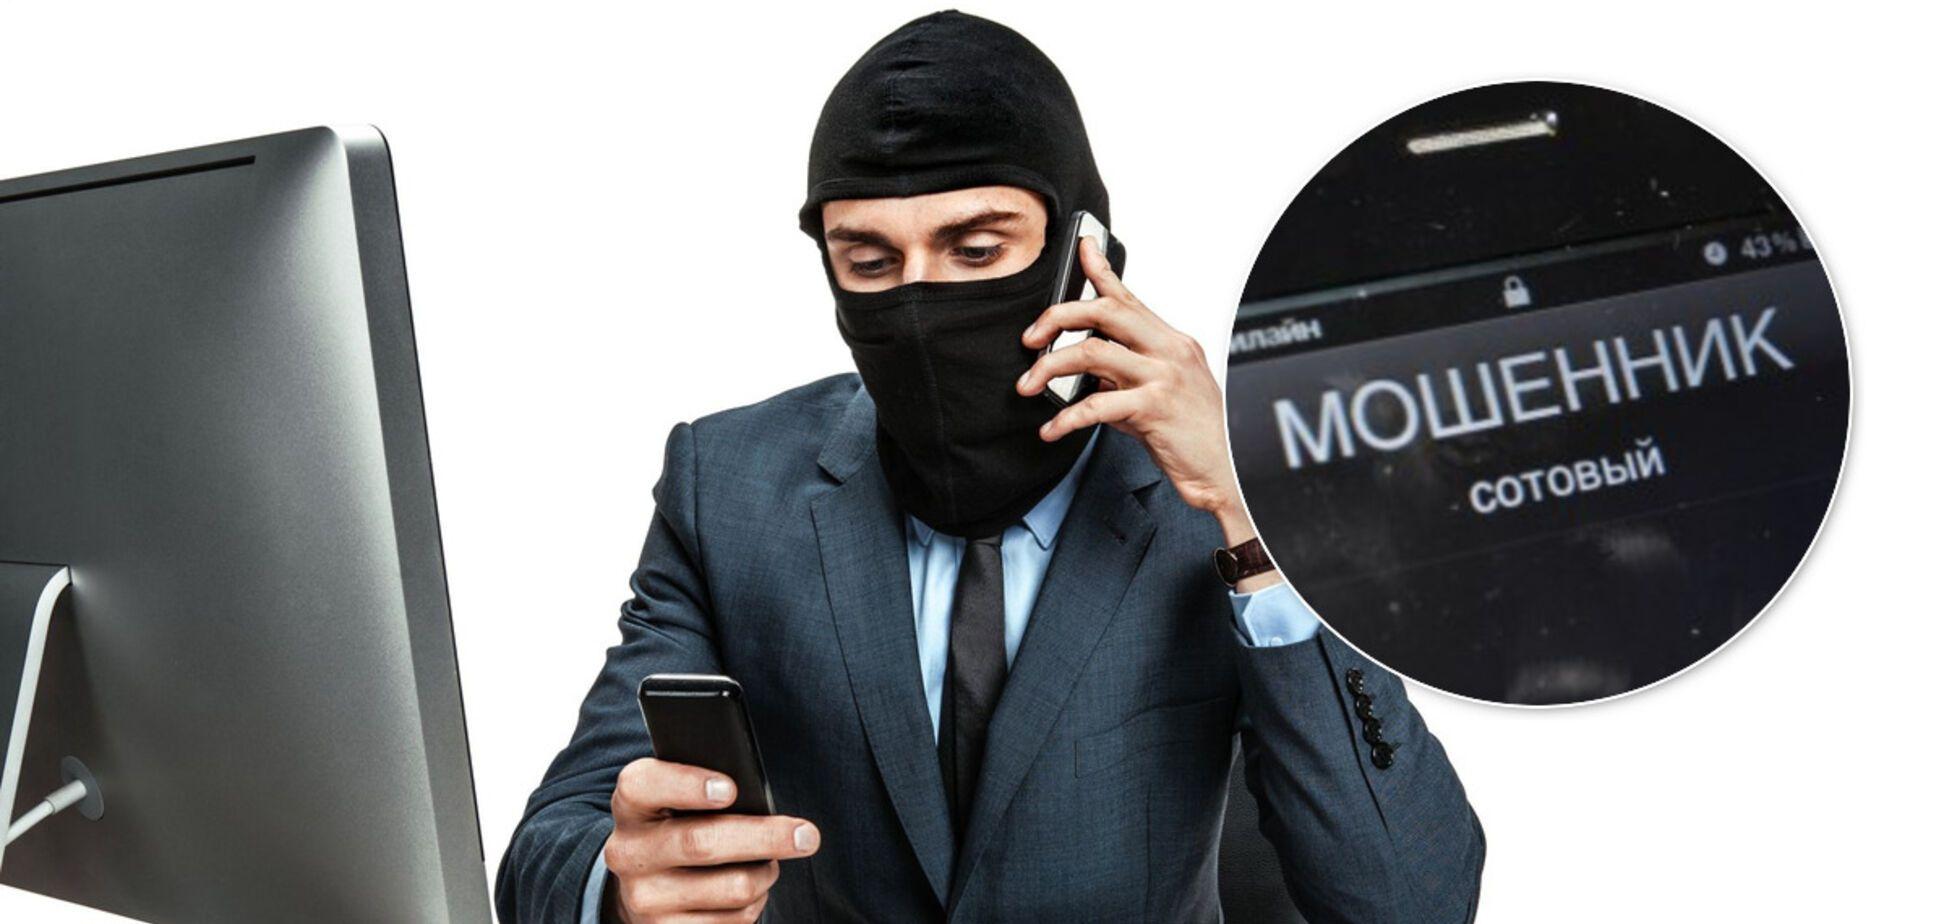 Счета украинцев массово 'блокируют': мошенники рассылают опасные СМС